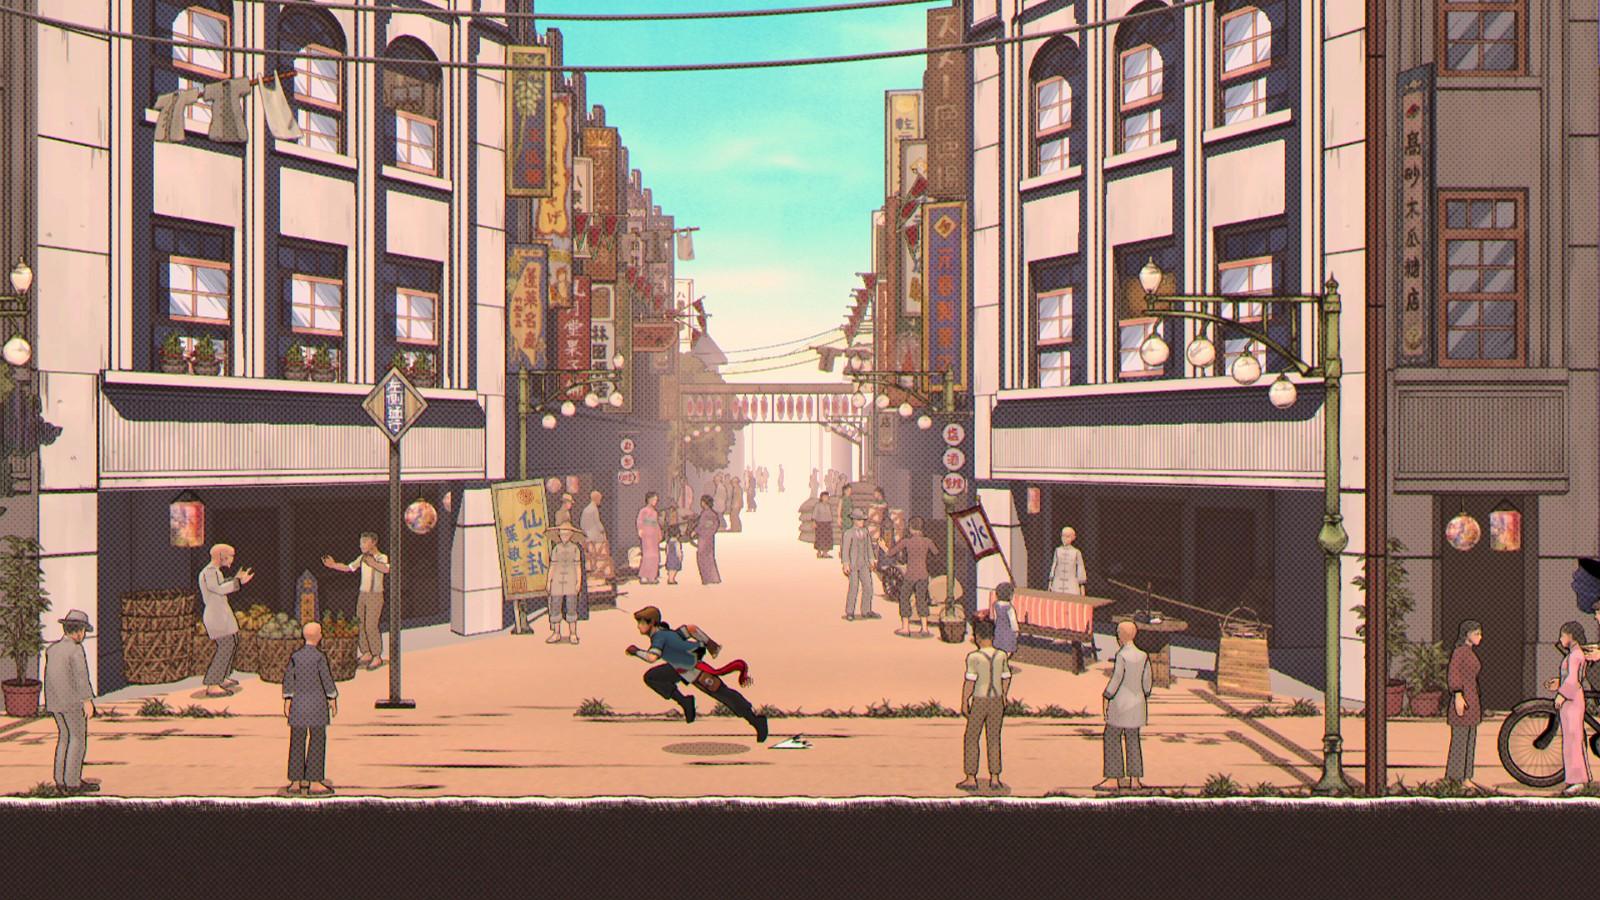 台湾抗日奇侠游戏《廖添丁:绝代凶贼之死期》上架Steam